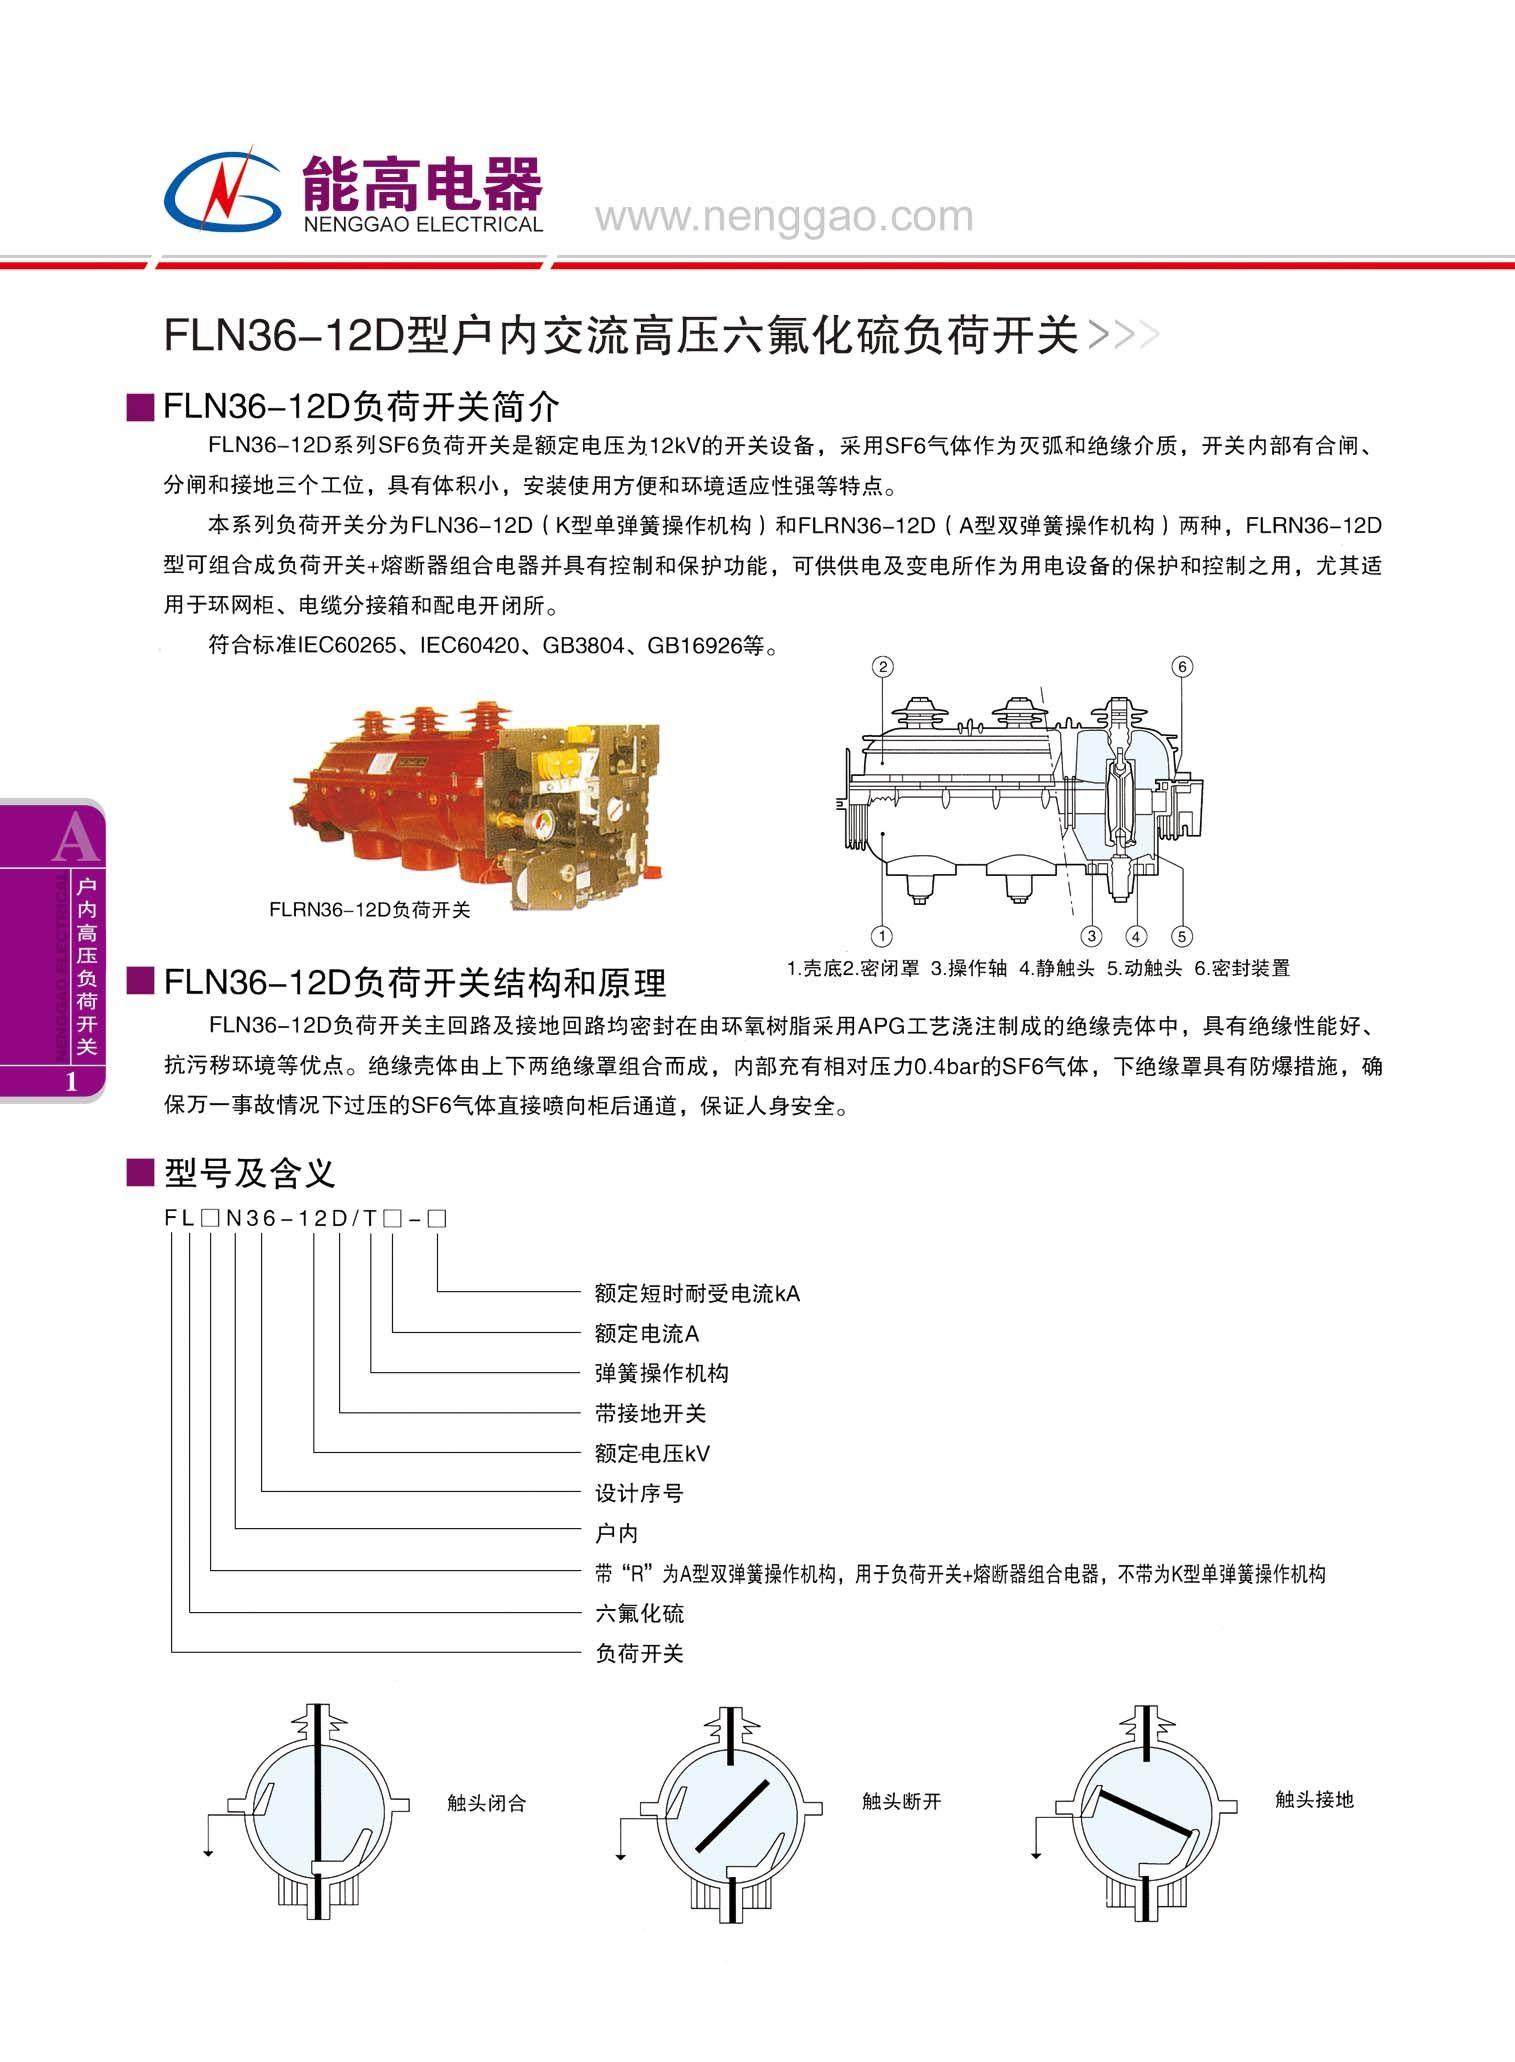 FLN36-12D型户内交流高压六氟化硫负荷开关